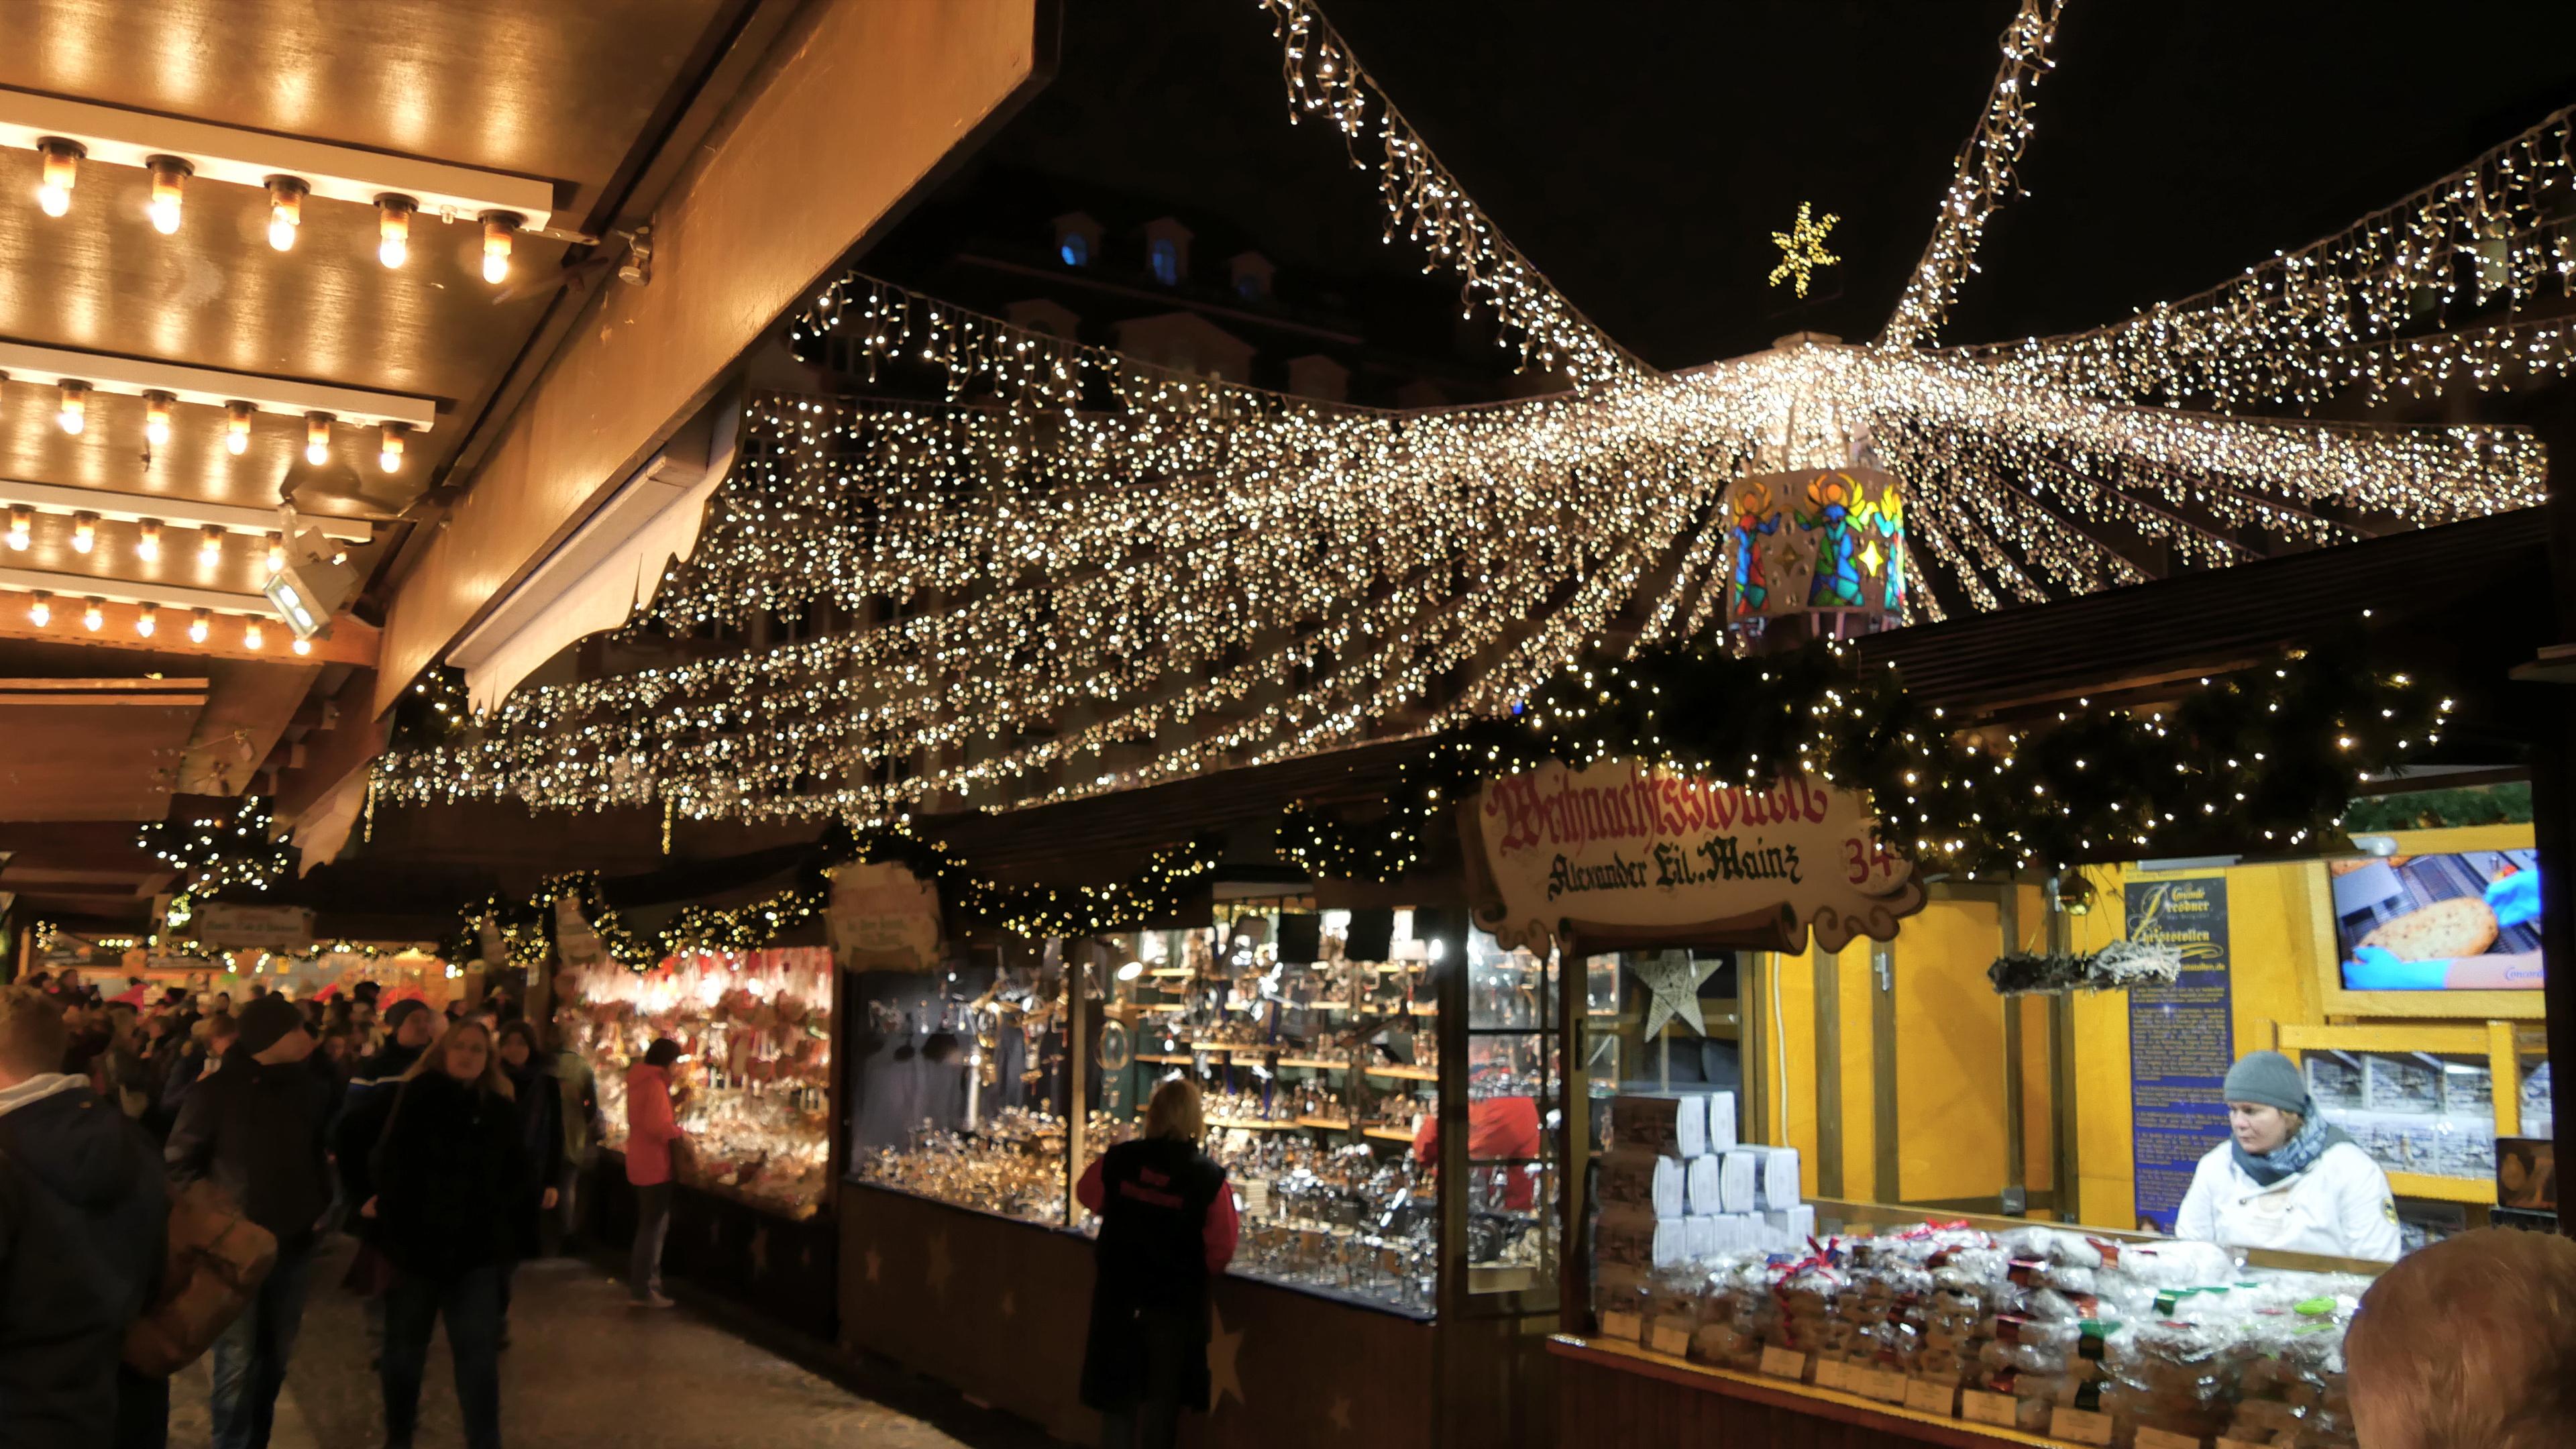 Weihnachtsmarkt Mainz.Kurzwanderung Am 30 11 2018 Zweibrückenwanderung